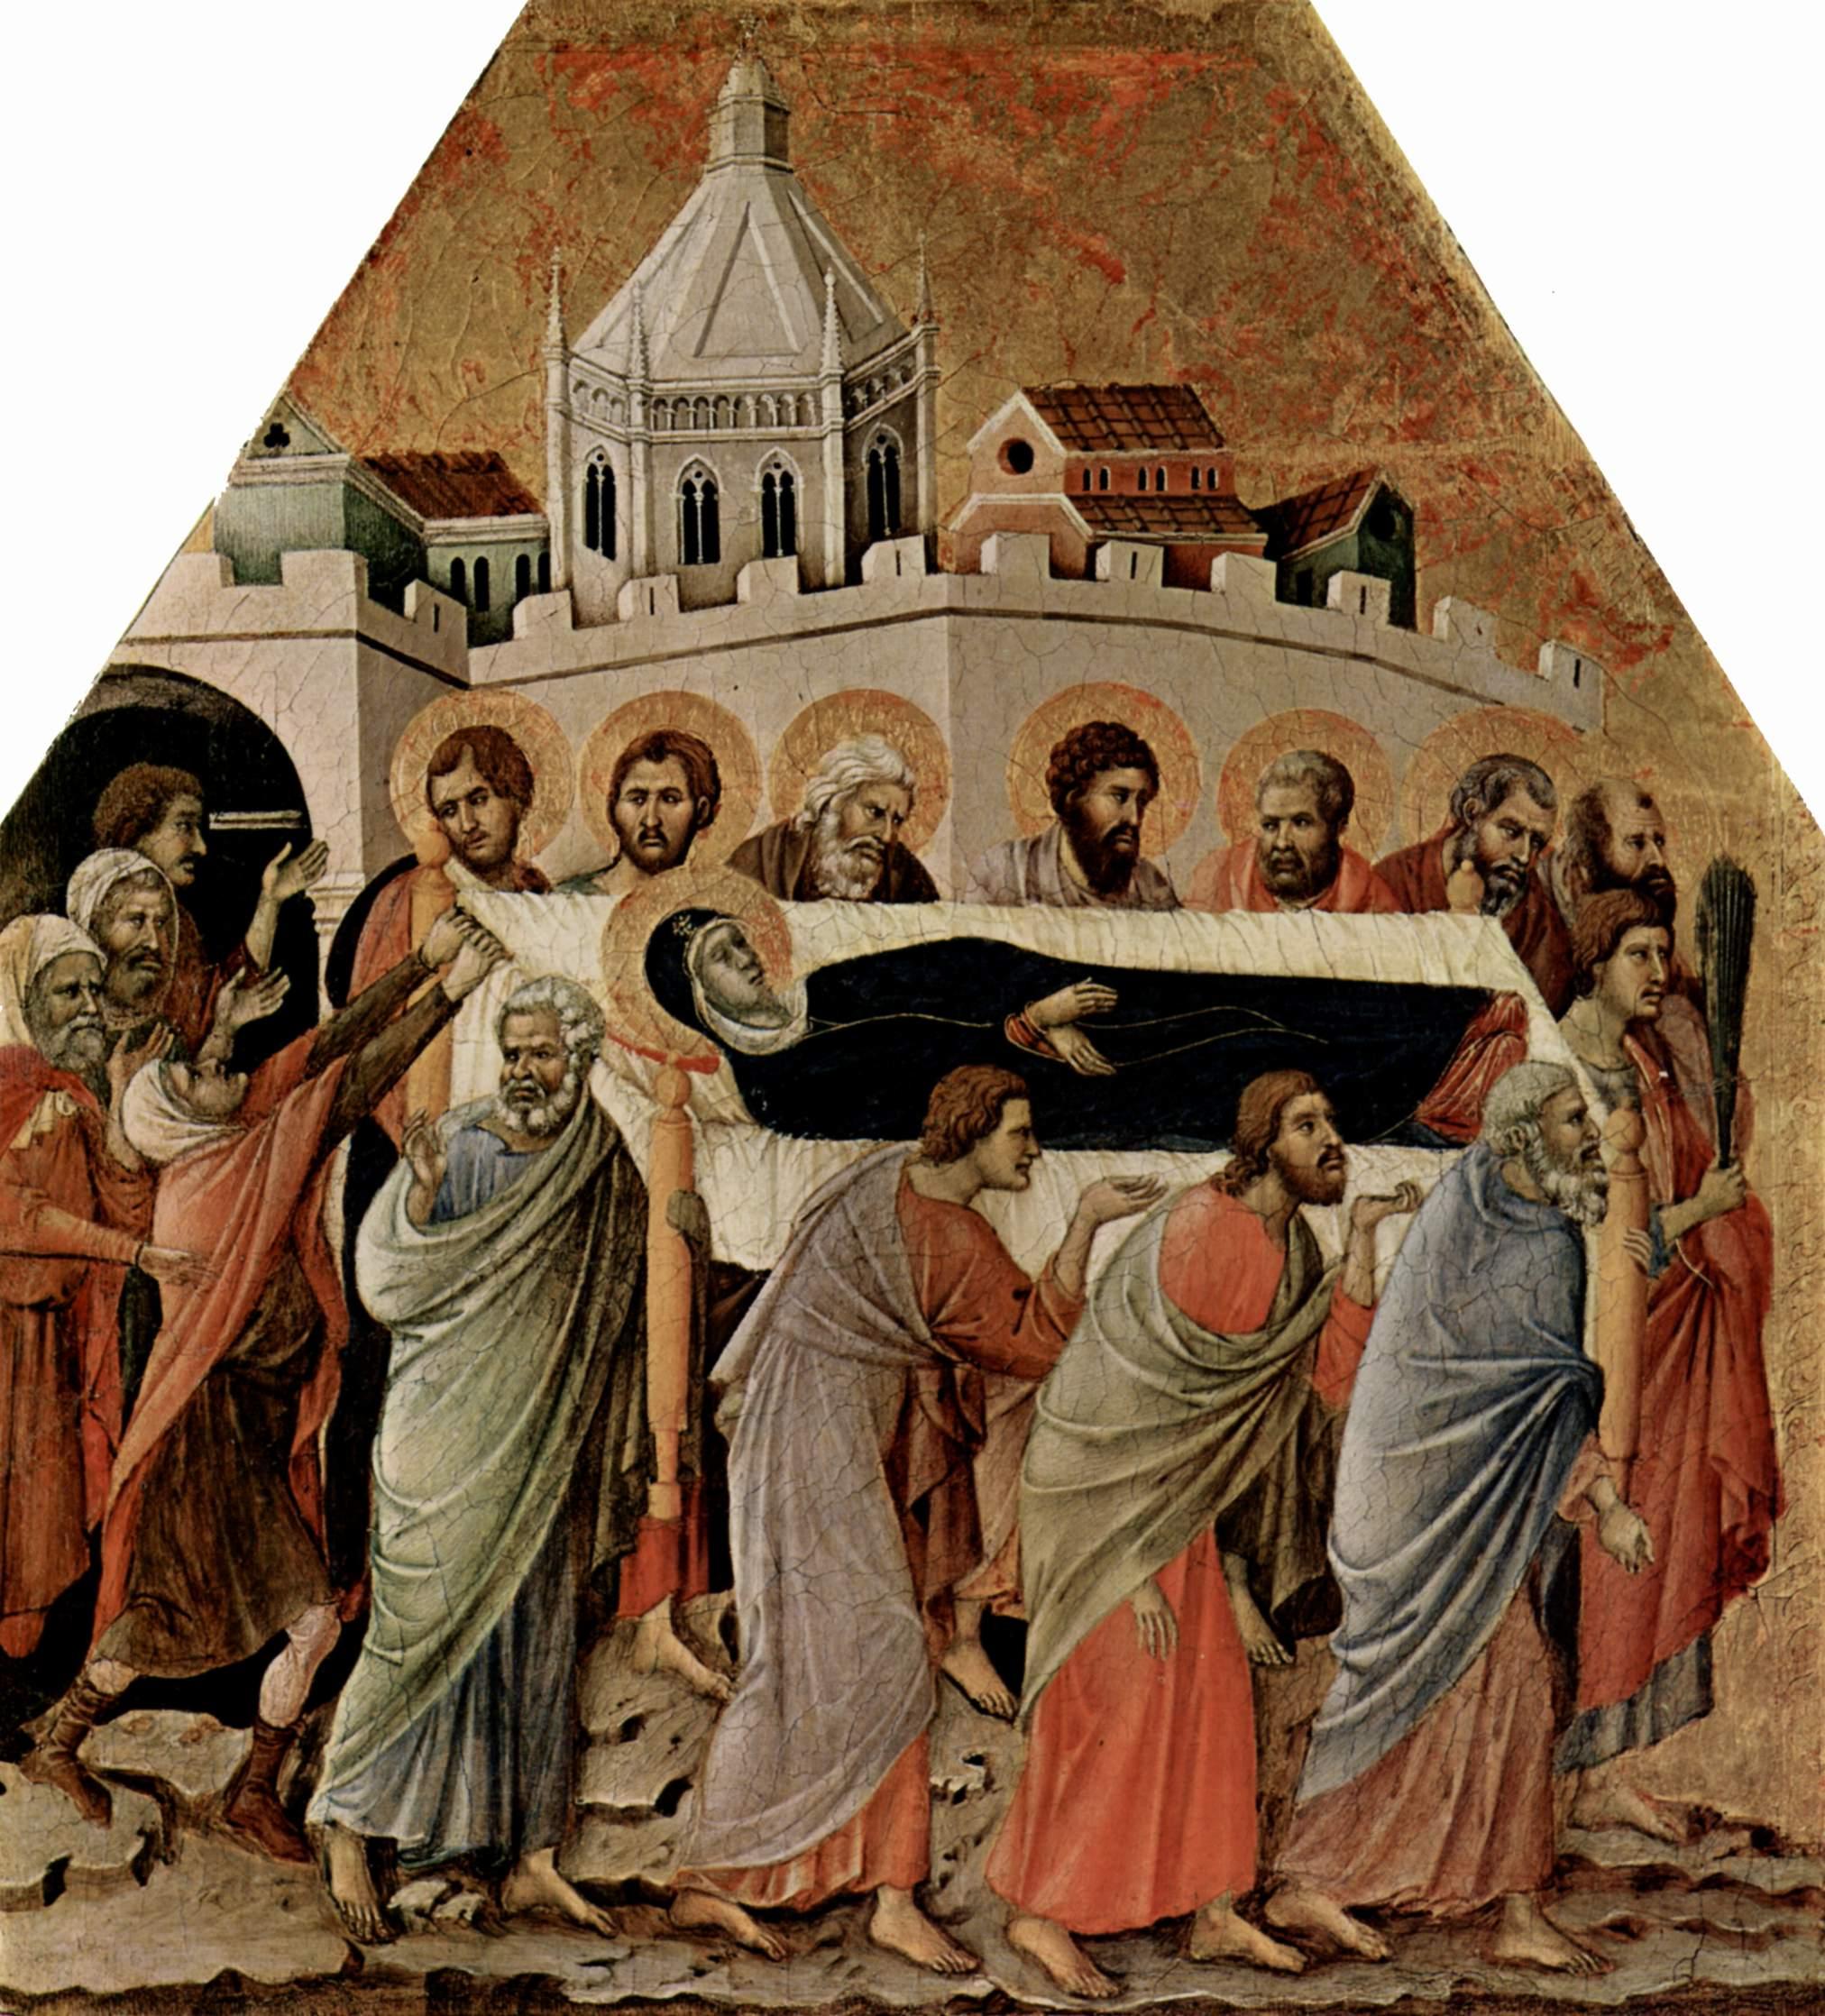 Маэста, алтарь сиенского кафедрального собора, передняя сторона, Алтарь со сценами Успения Марии  По, Дуччо ди Буонинсенья